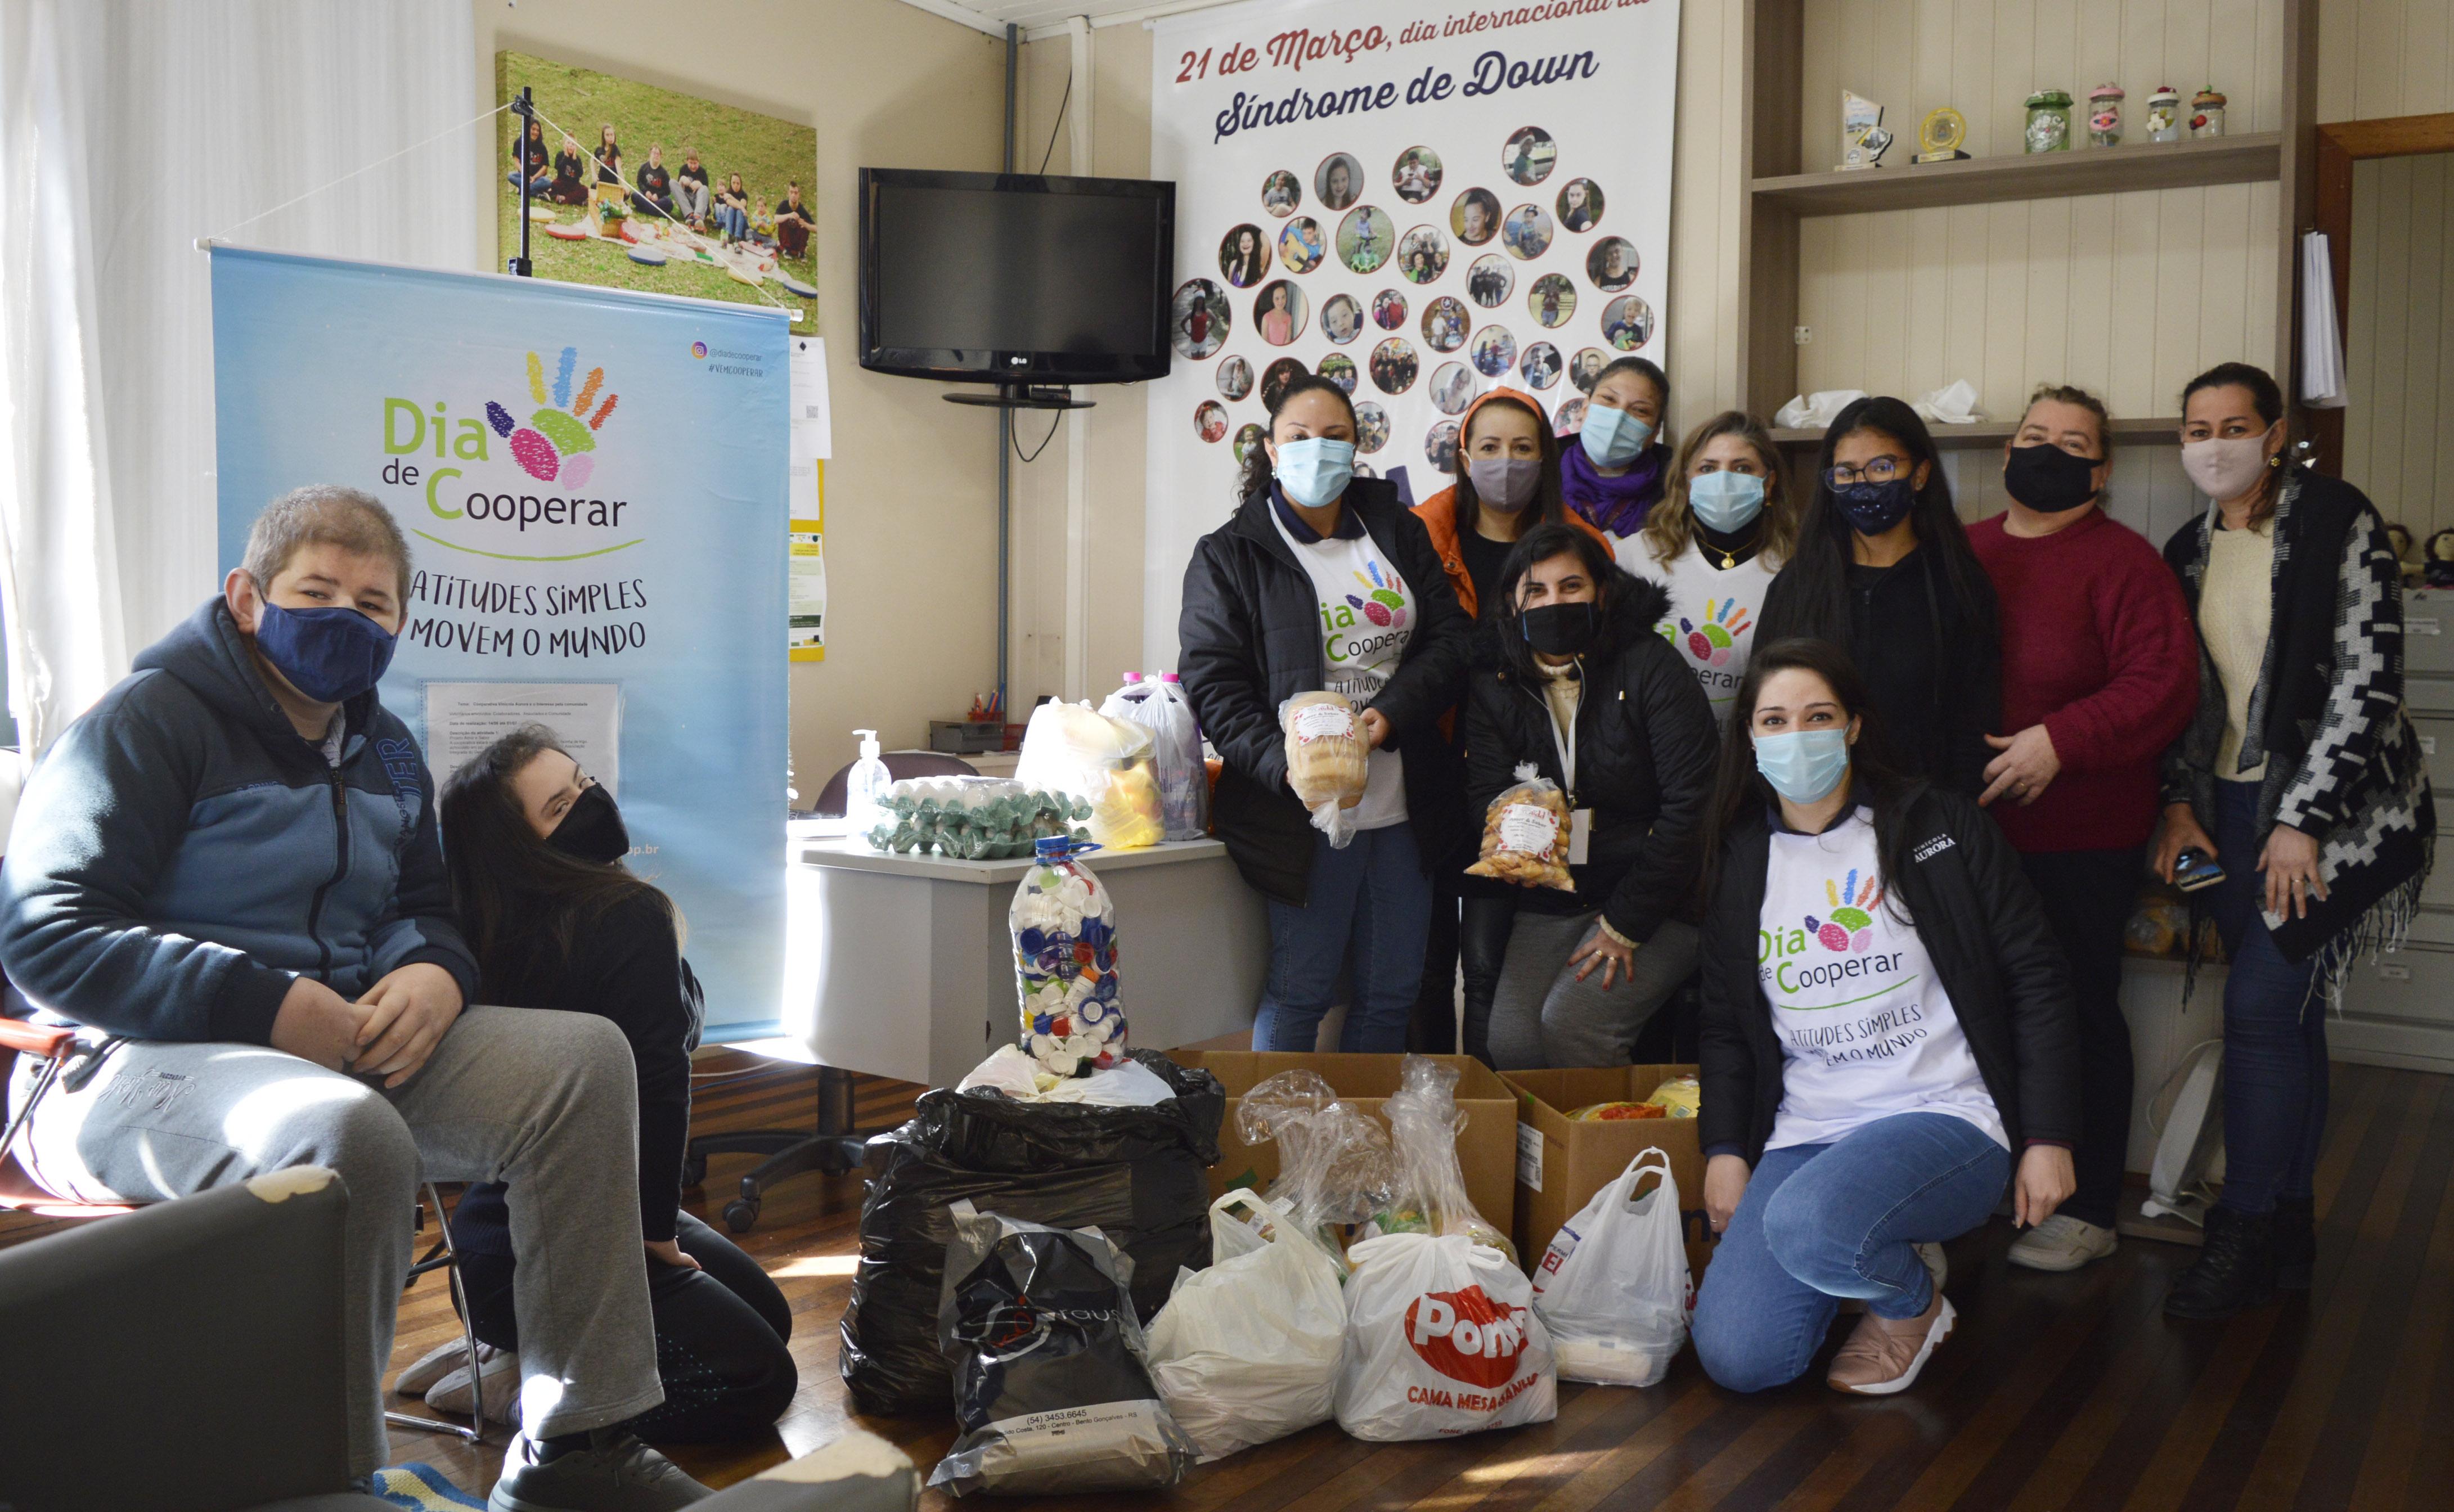 Parceiros Voluntários faz intermédio de doações para a AIDD Bento Gonçalves